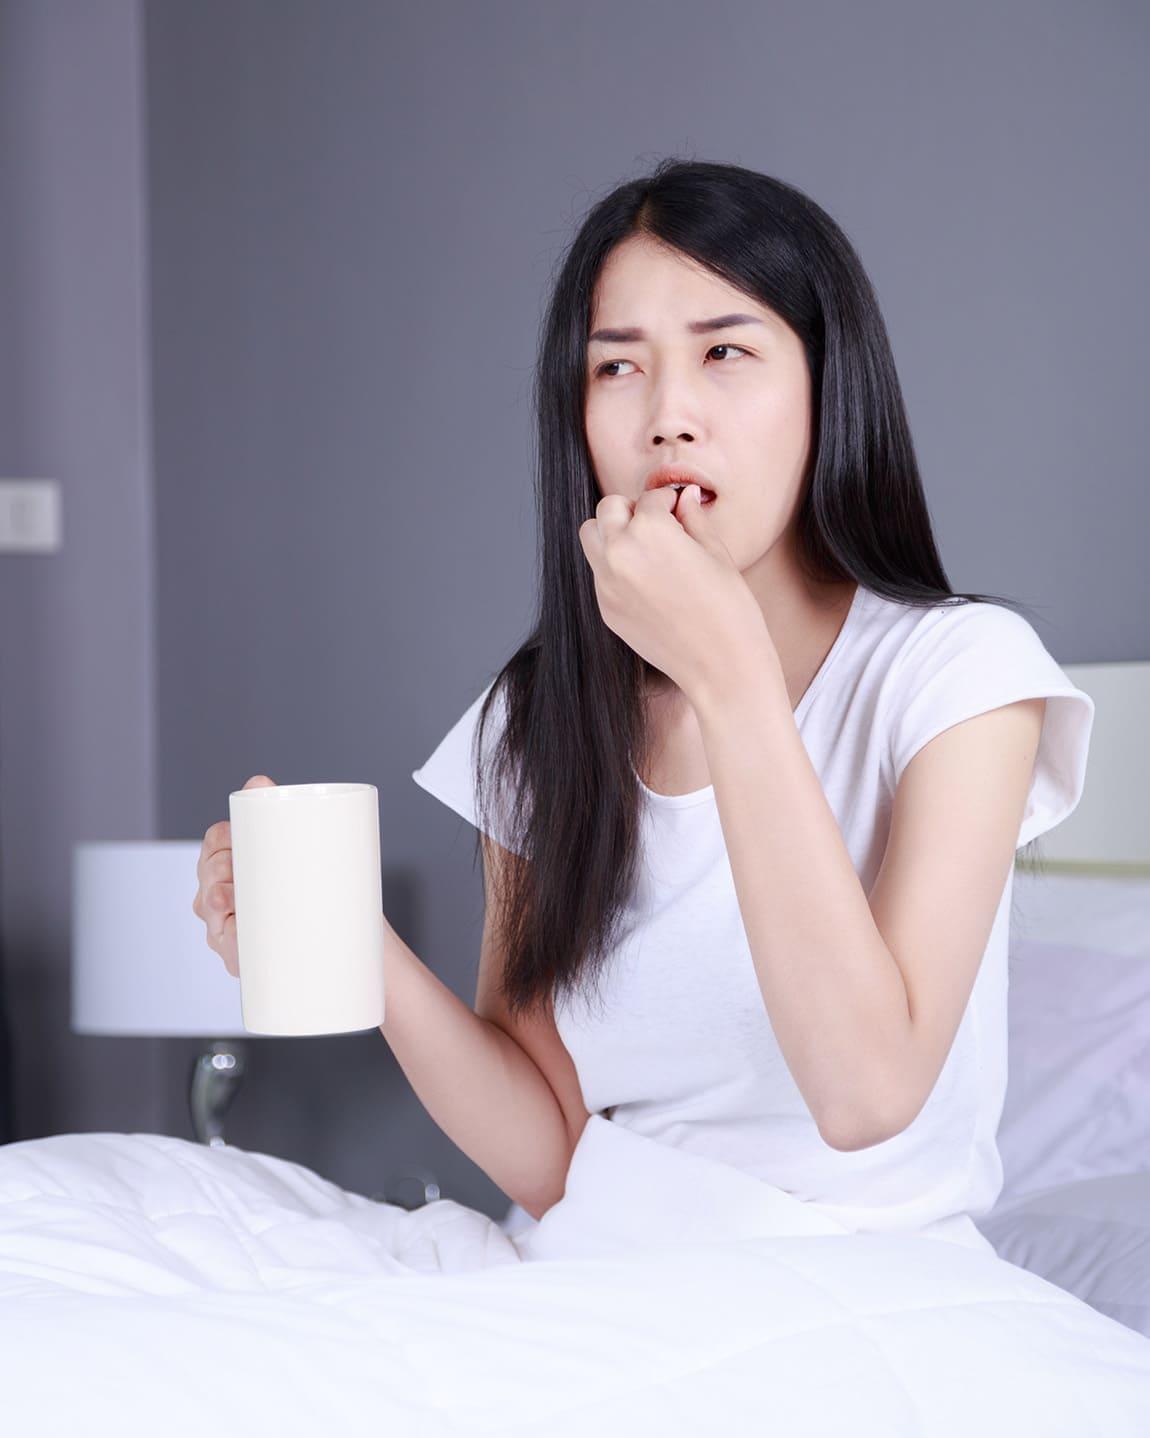 胃食道逆流 藥物治療 一、藥物治療